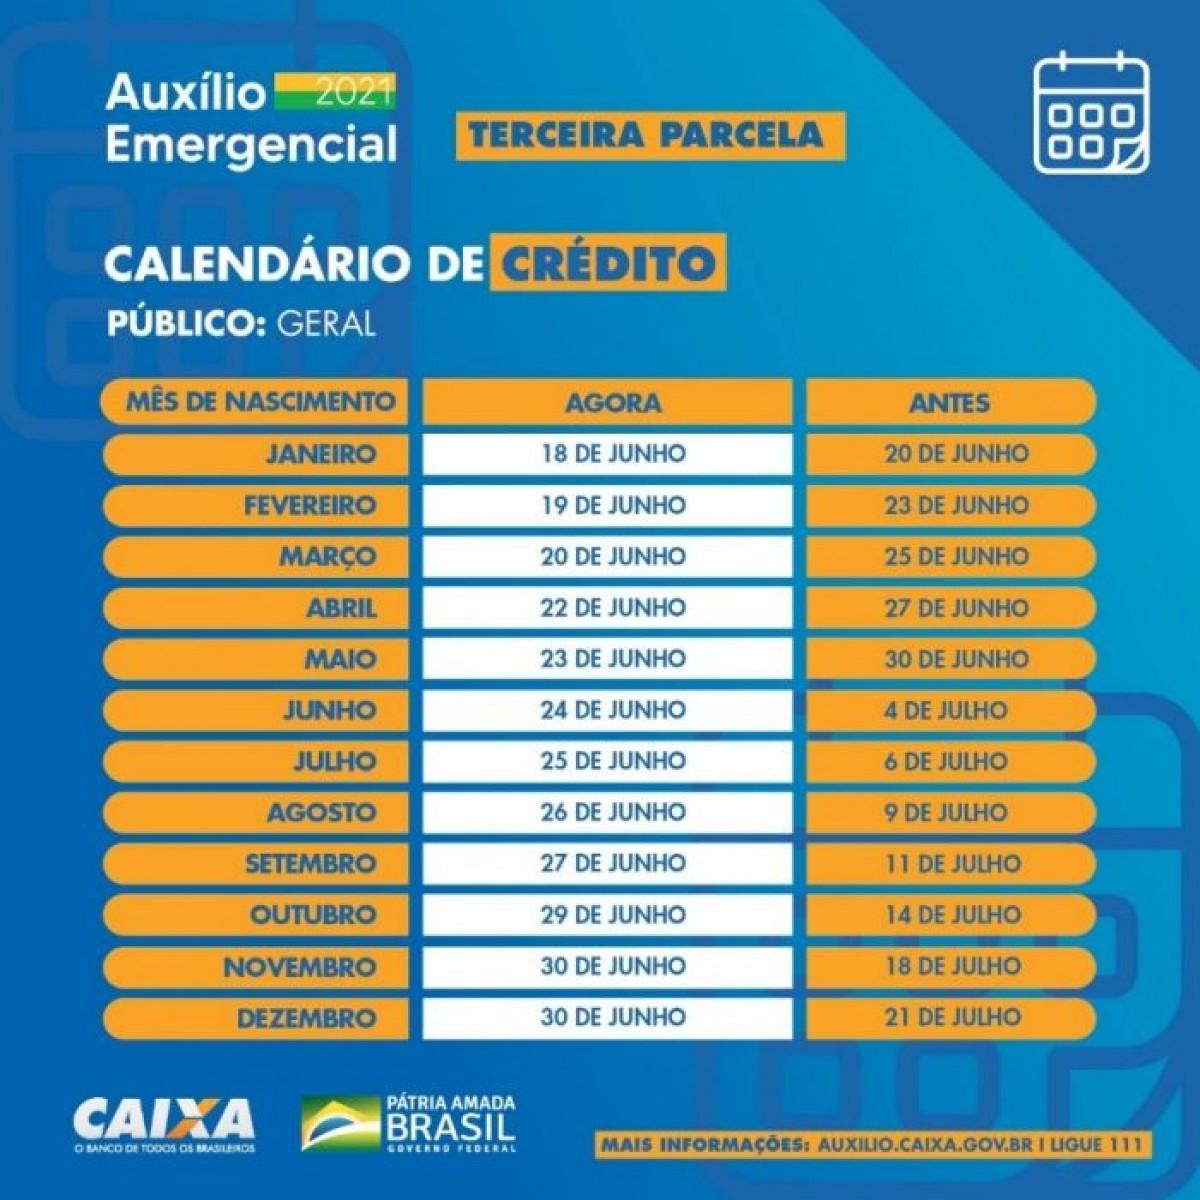 Imagem: Caixa Notícias